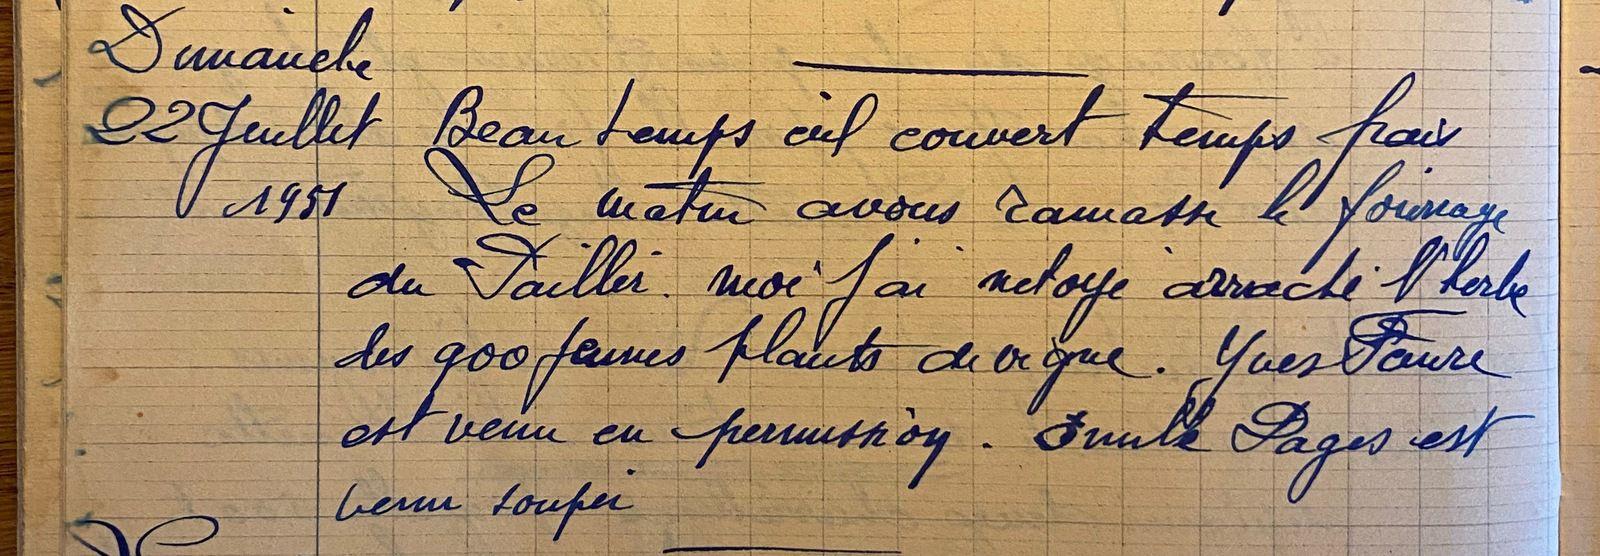 Dimanche 22 juillet 1951 - les 900 plants de vigne